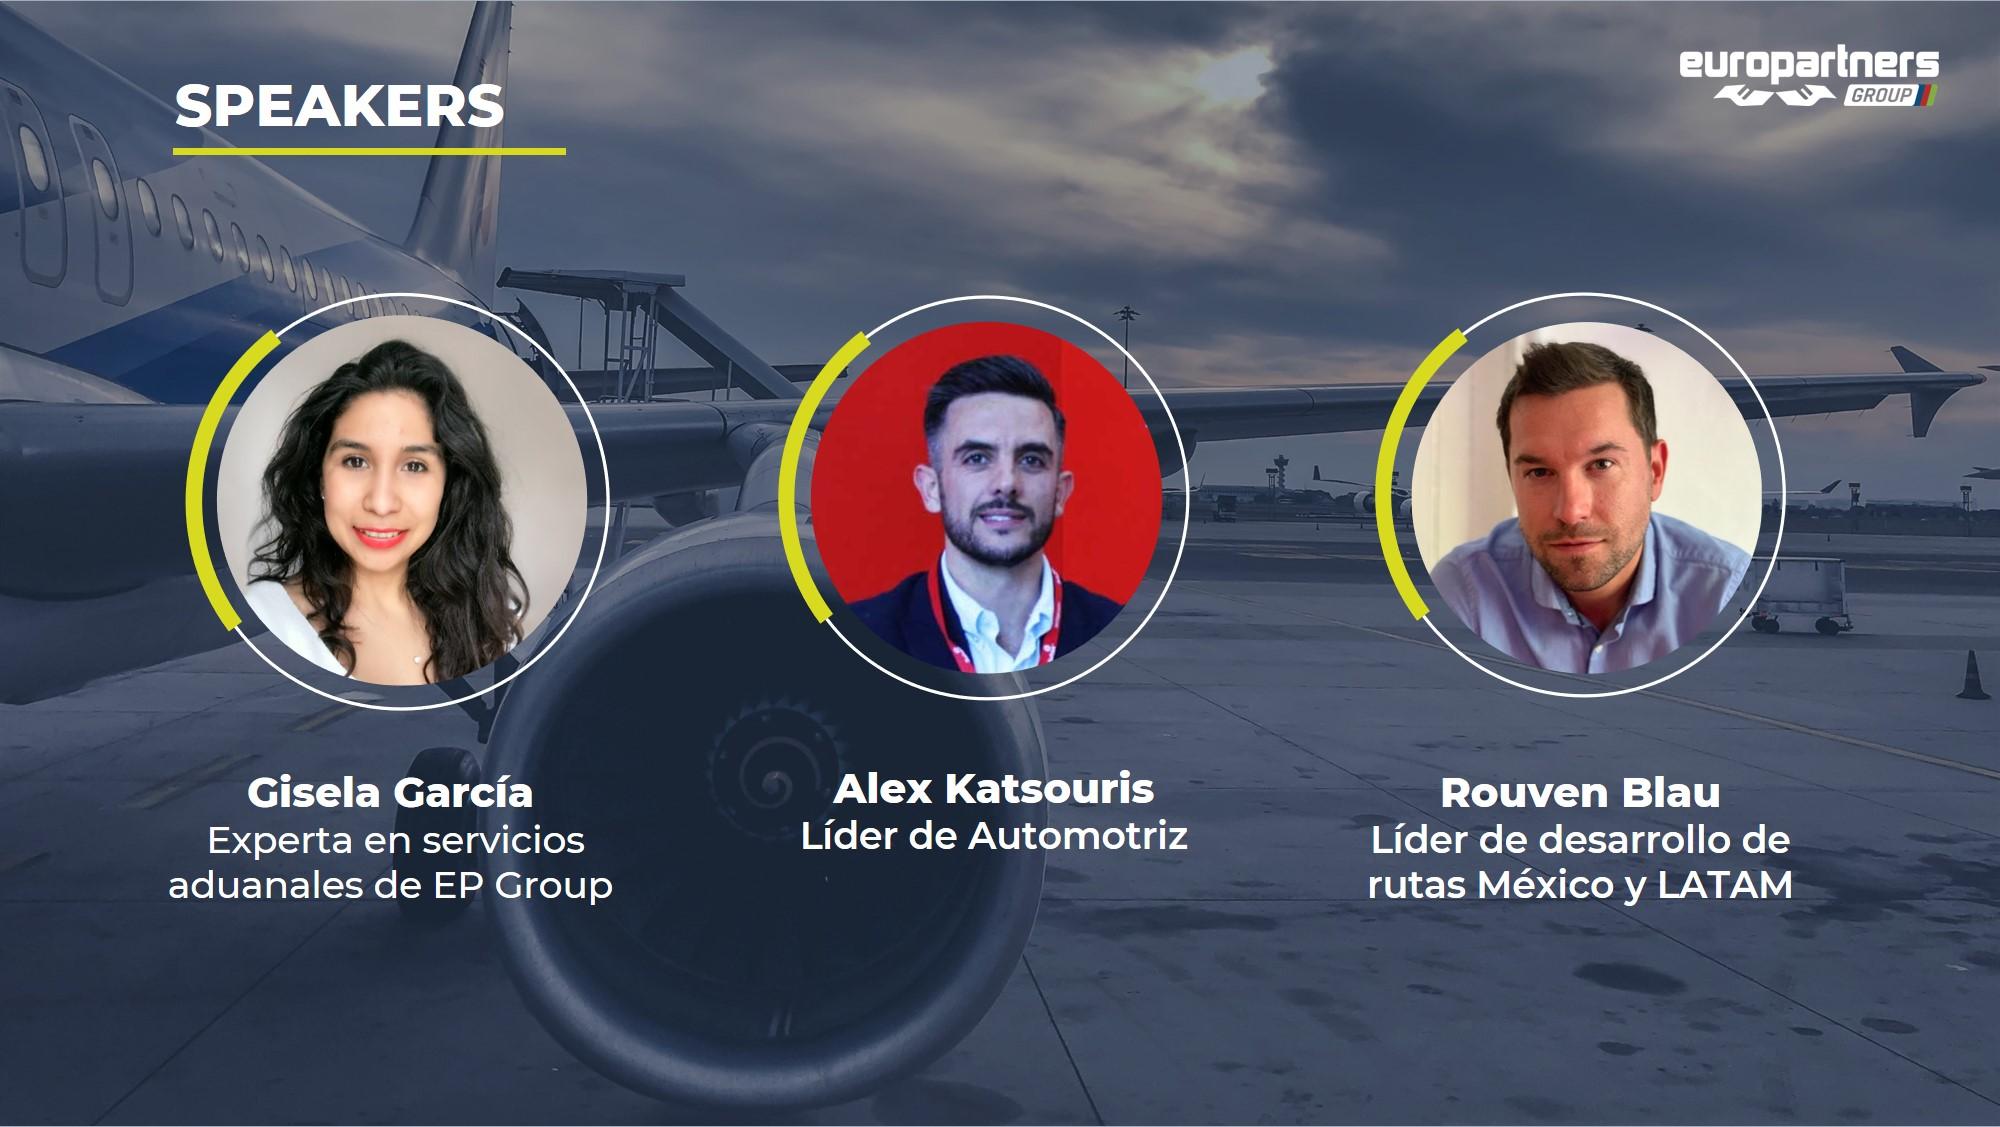 Presentaron el webinar Gisela García, experta en servicios aduanales de EP Group, Alex Katsouris, Líder de EP Automotriz y Rouven Blau, líder de desarrollo de rutas de México y Latinoamérica